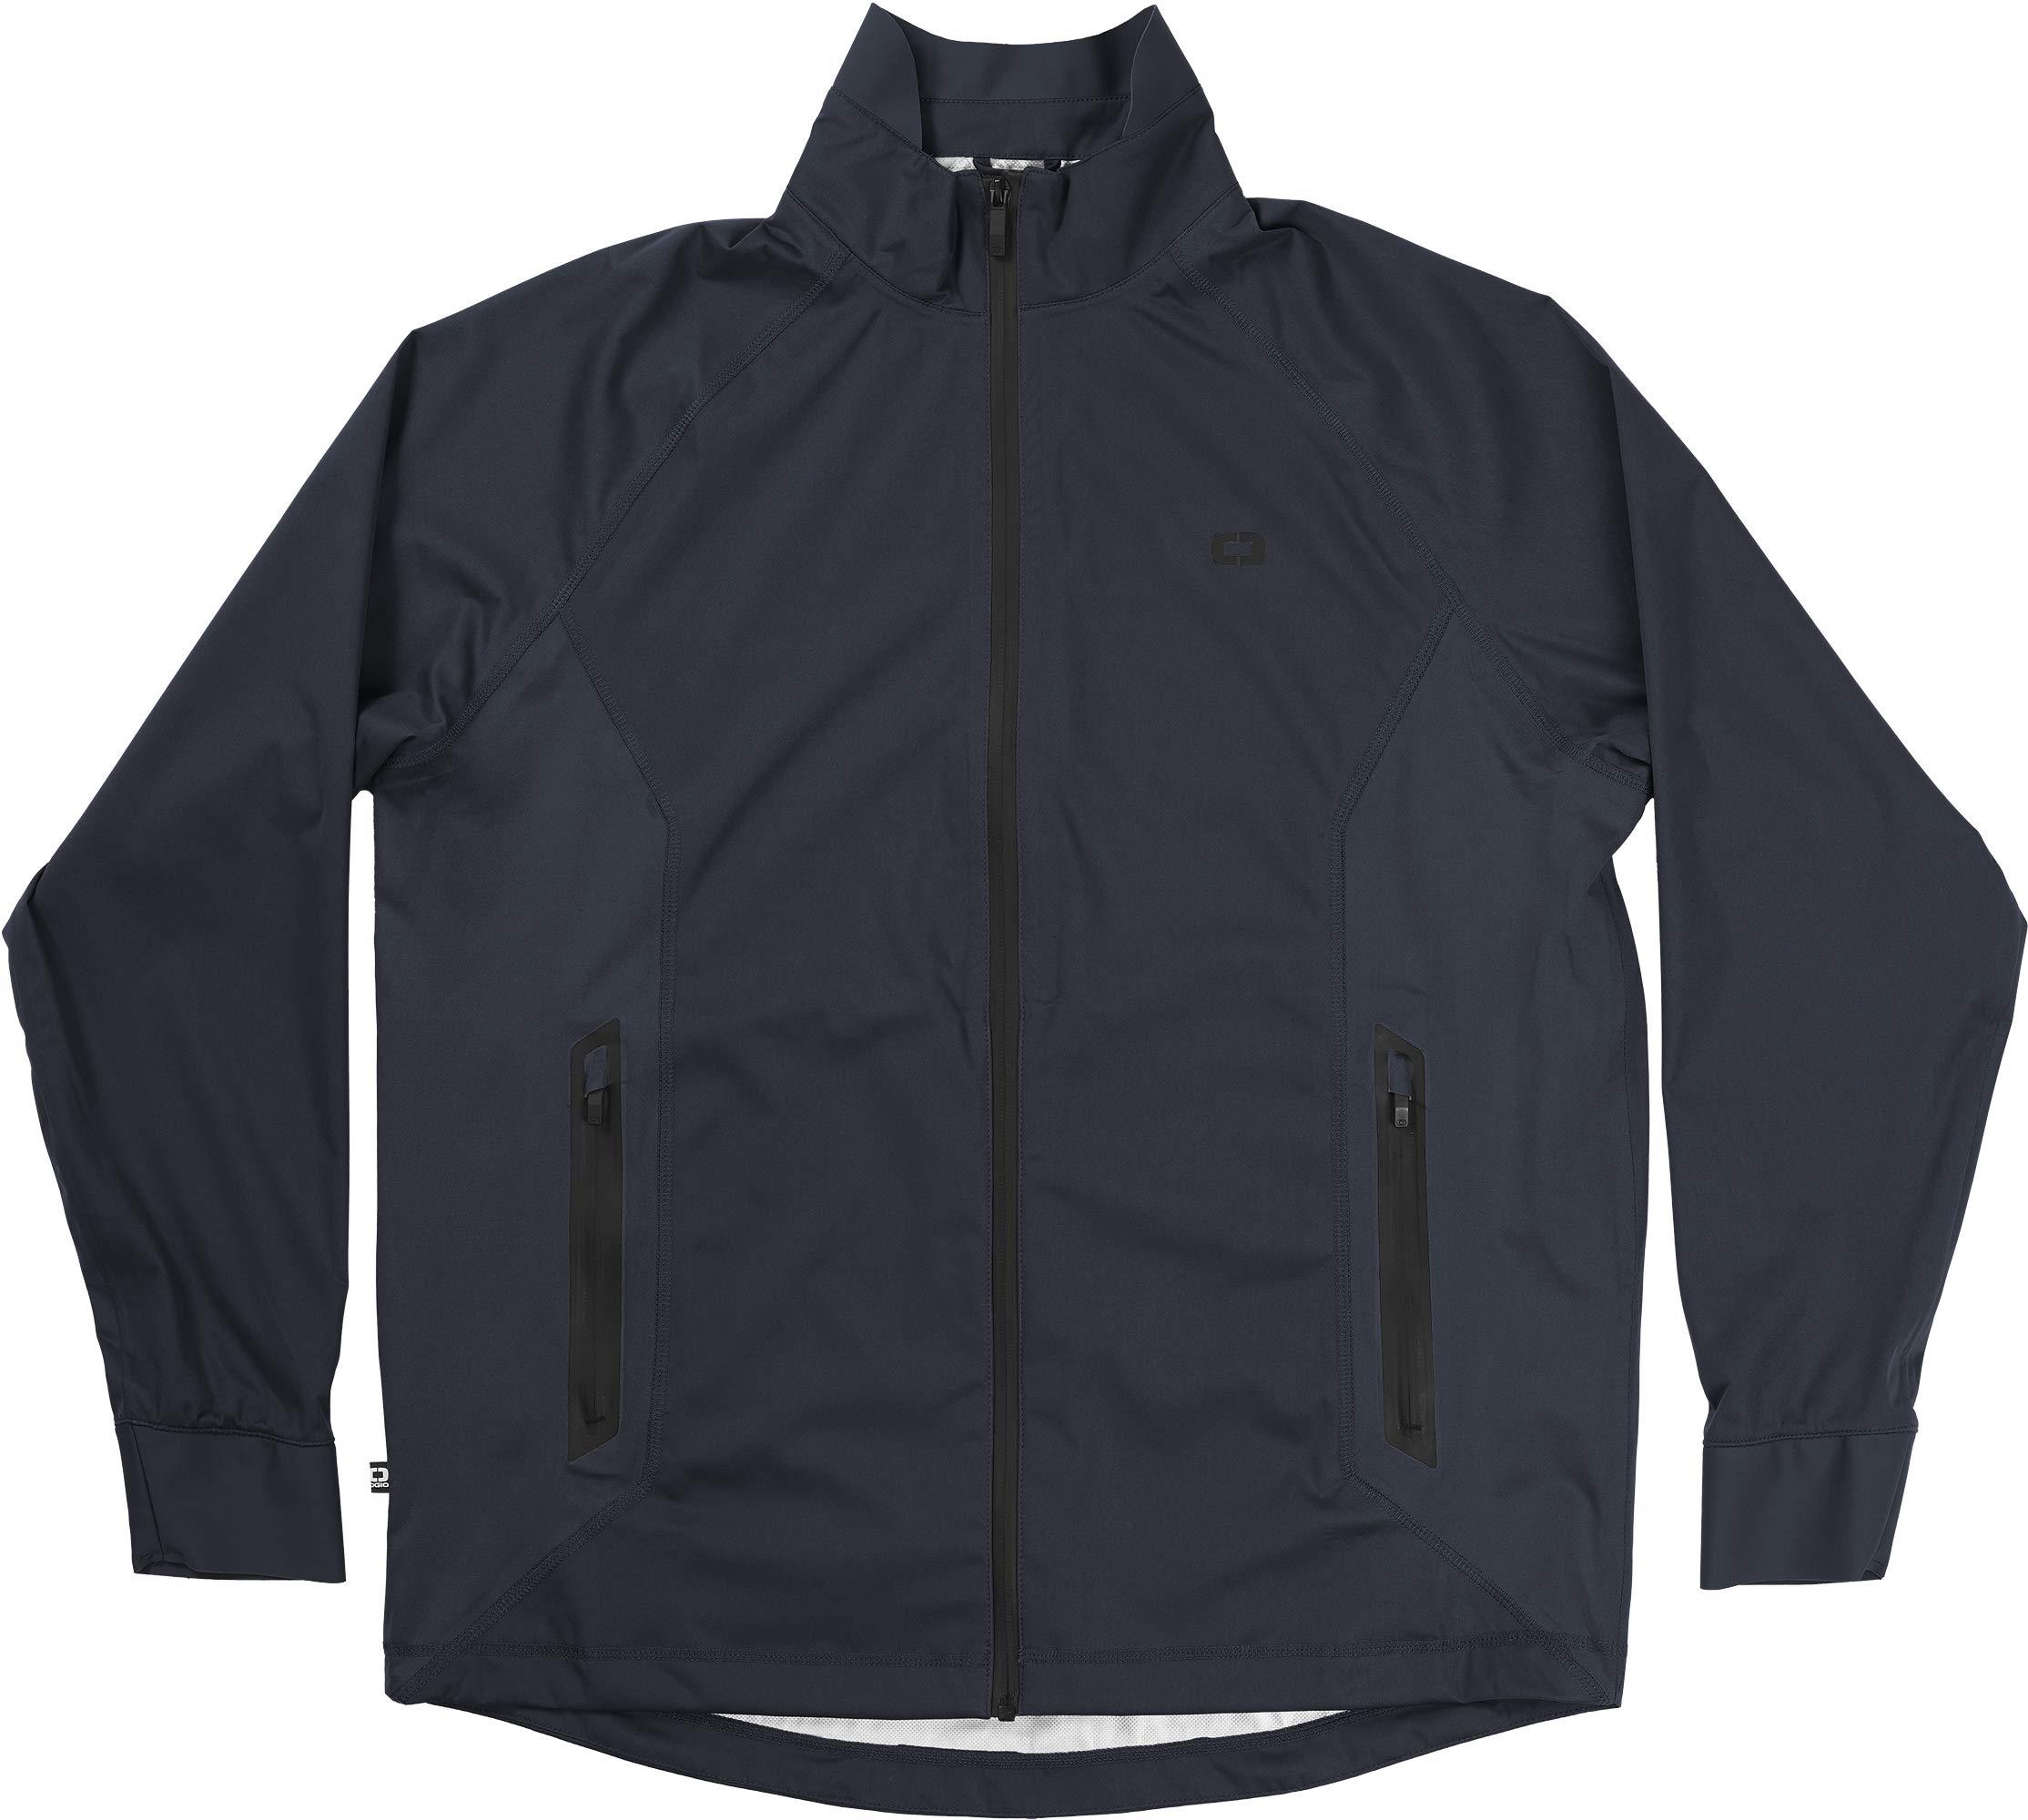 Ogio All Elements Rain Jacket, Navy, Small